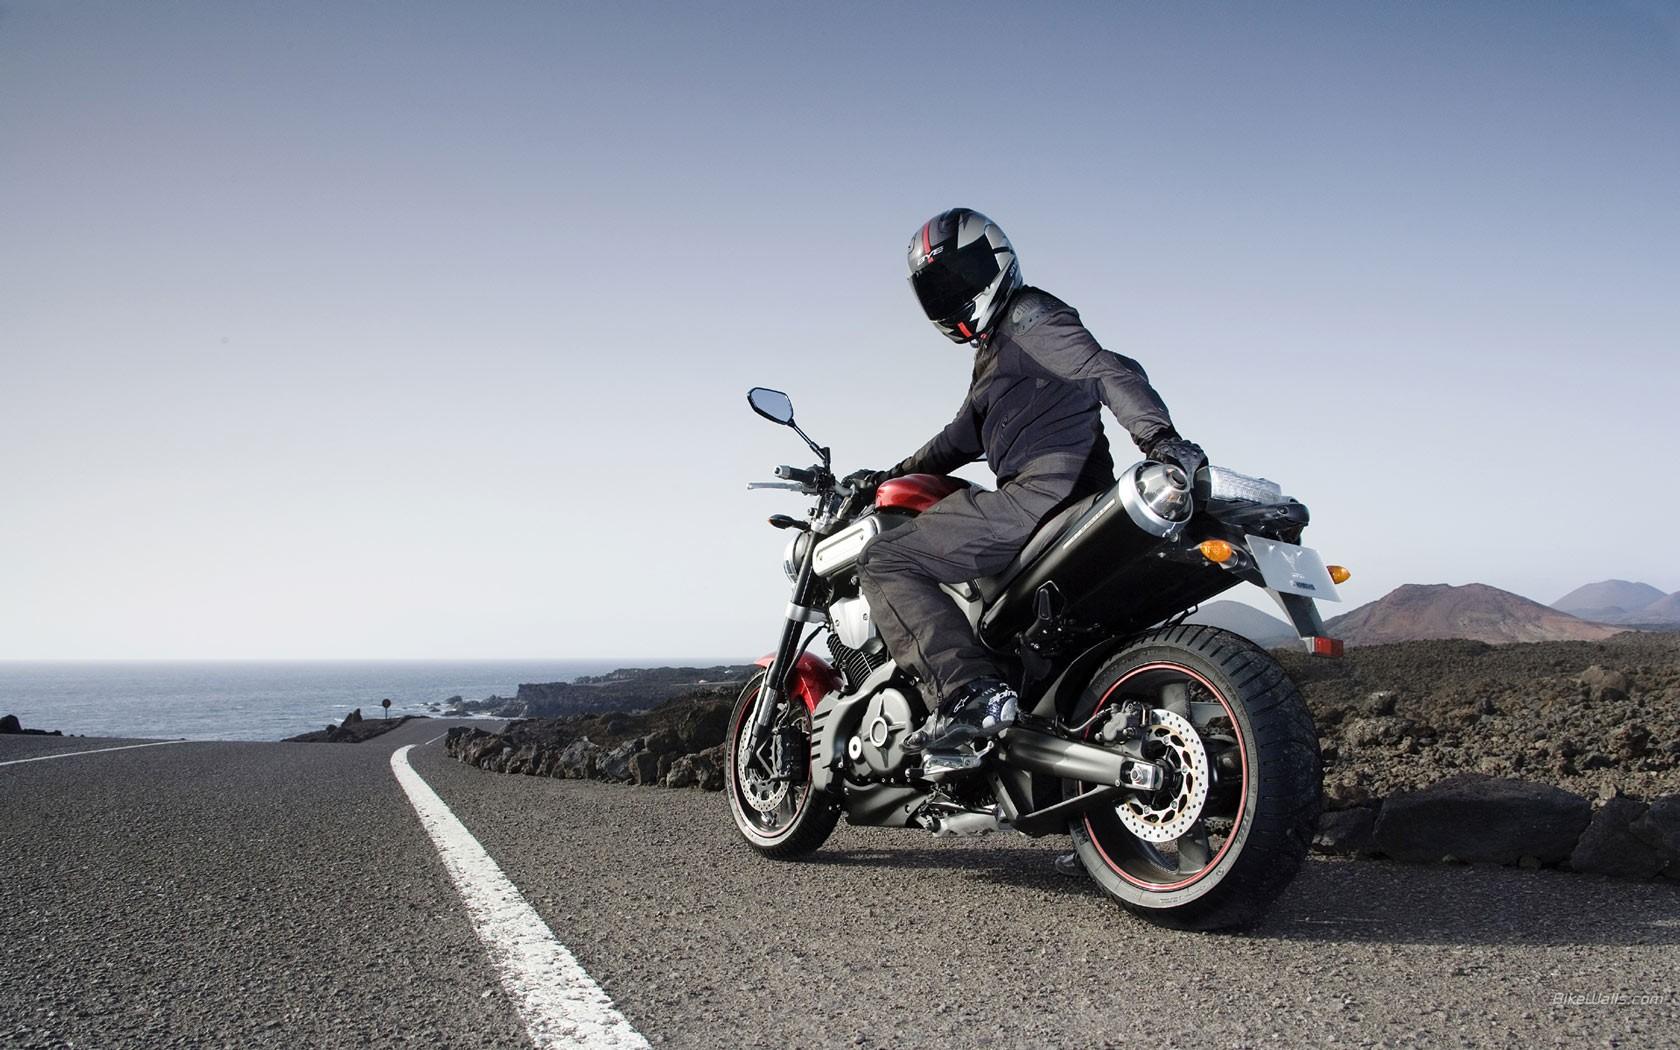 Motos en la carreteras - 1680x1050